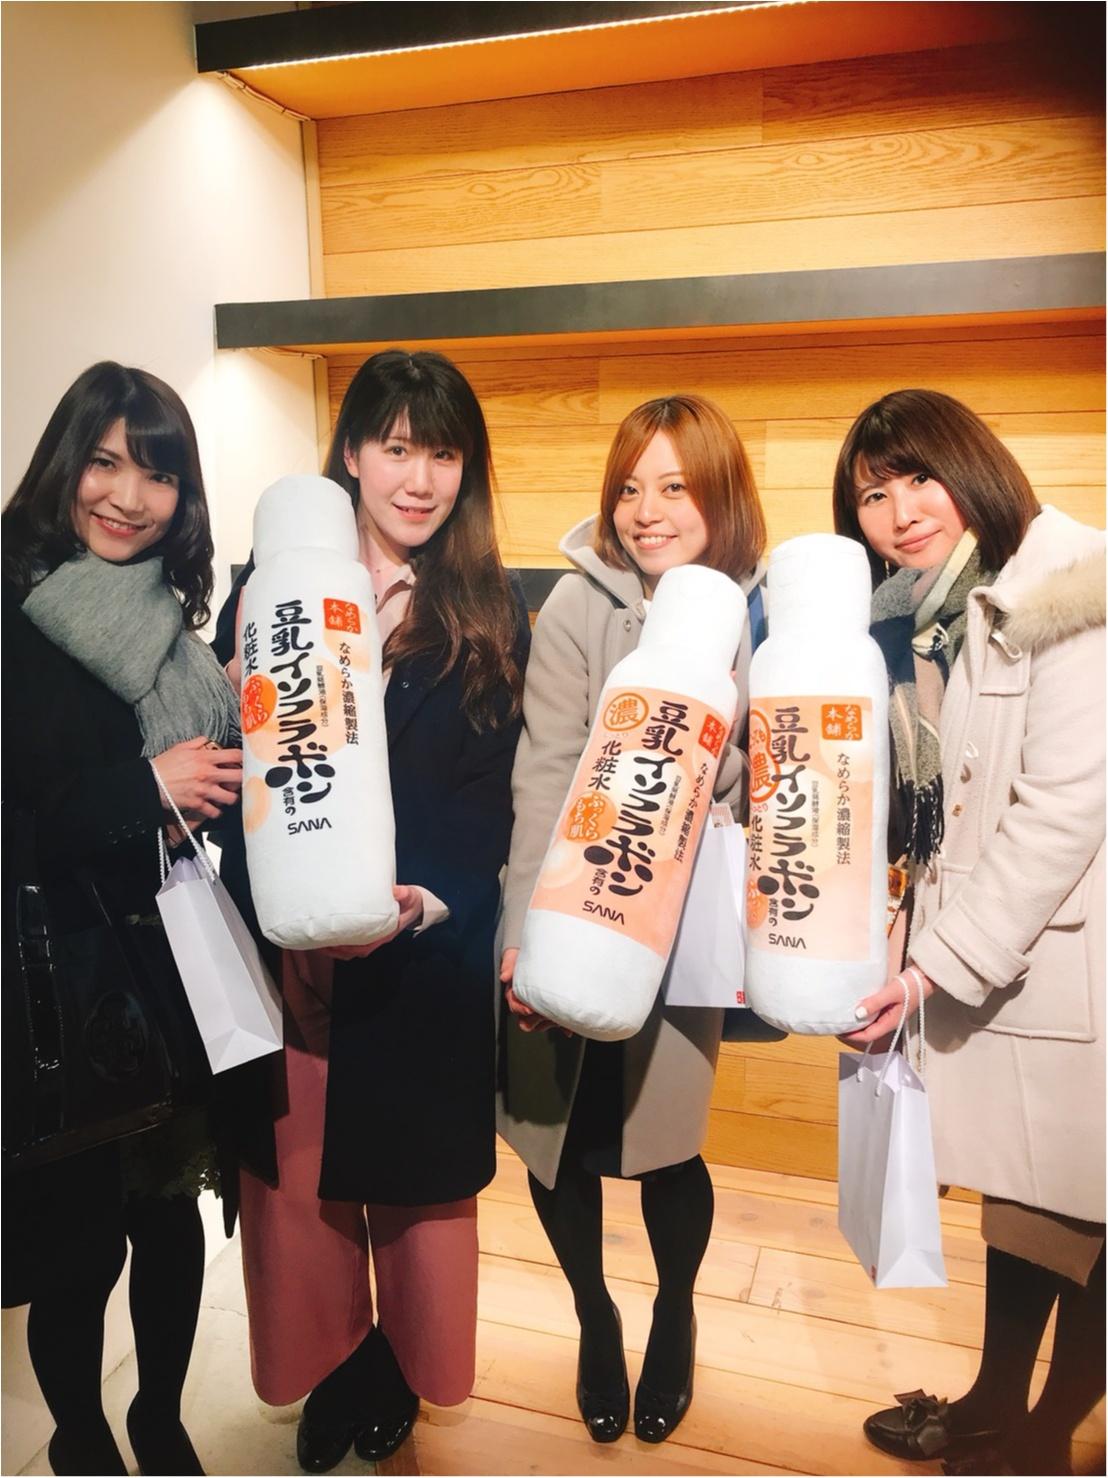 うれしいおみやげ付き♡《なめらか本舗》×《ABC Cooking Studio》の豆乳料理ワークショップに行ってきました!_7